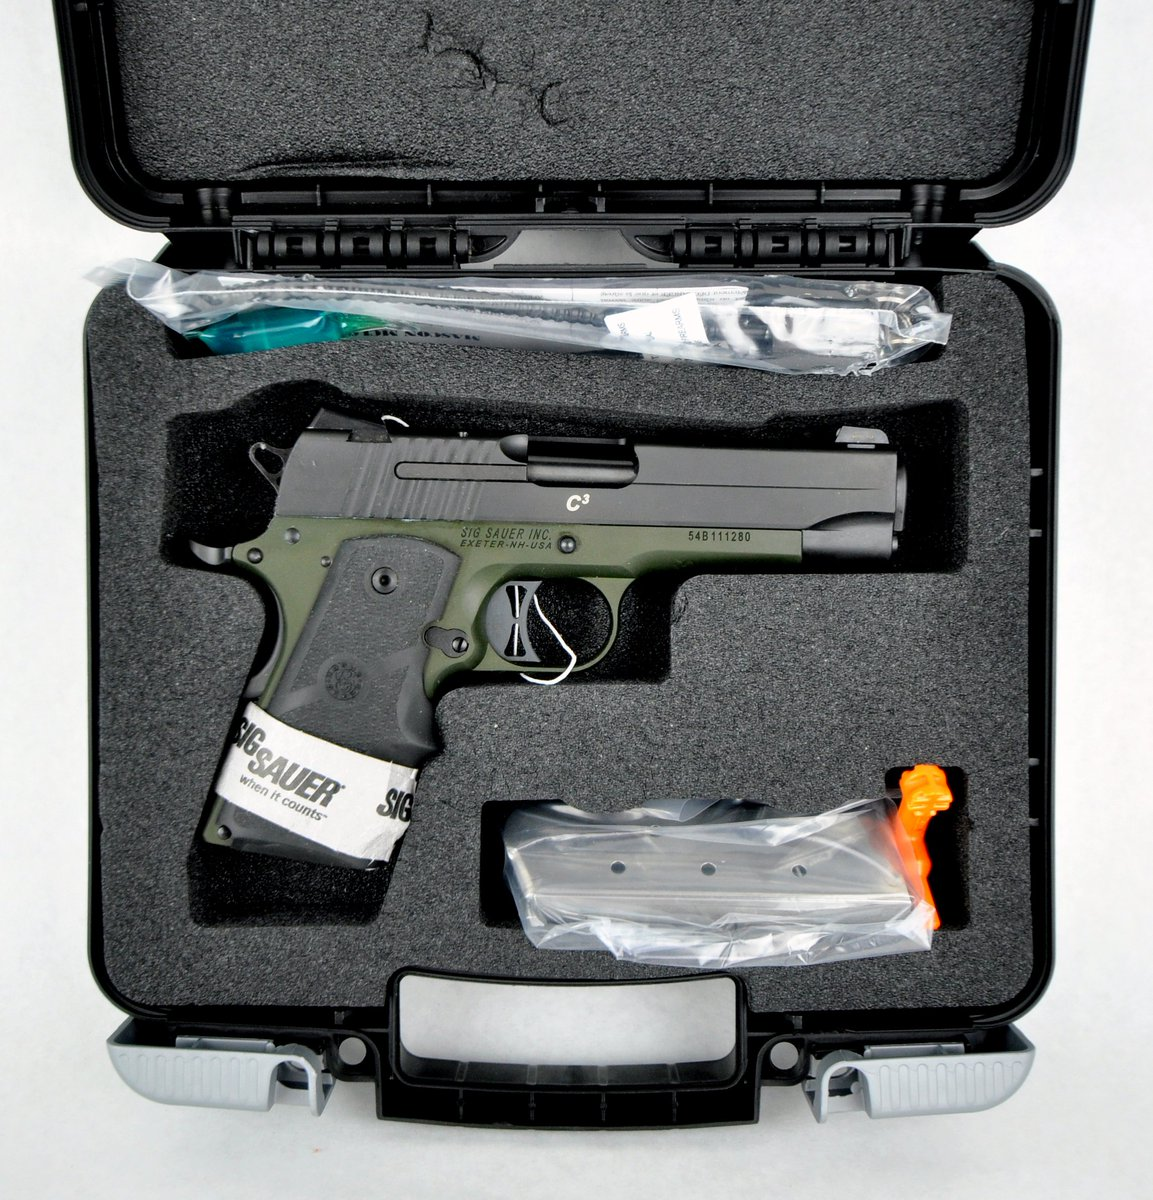 MMP Guns on Twitter: